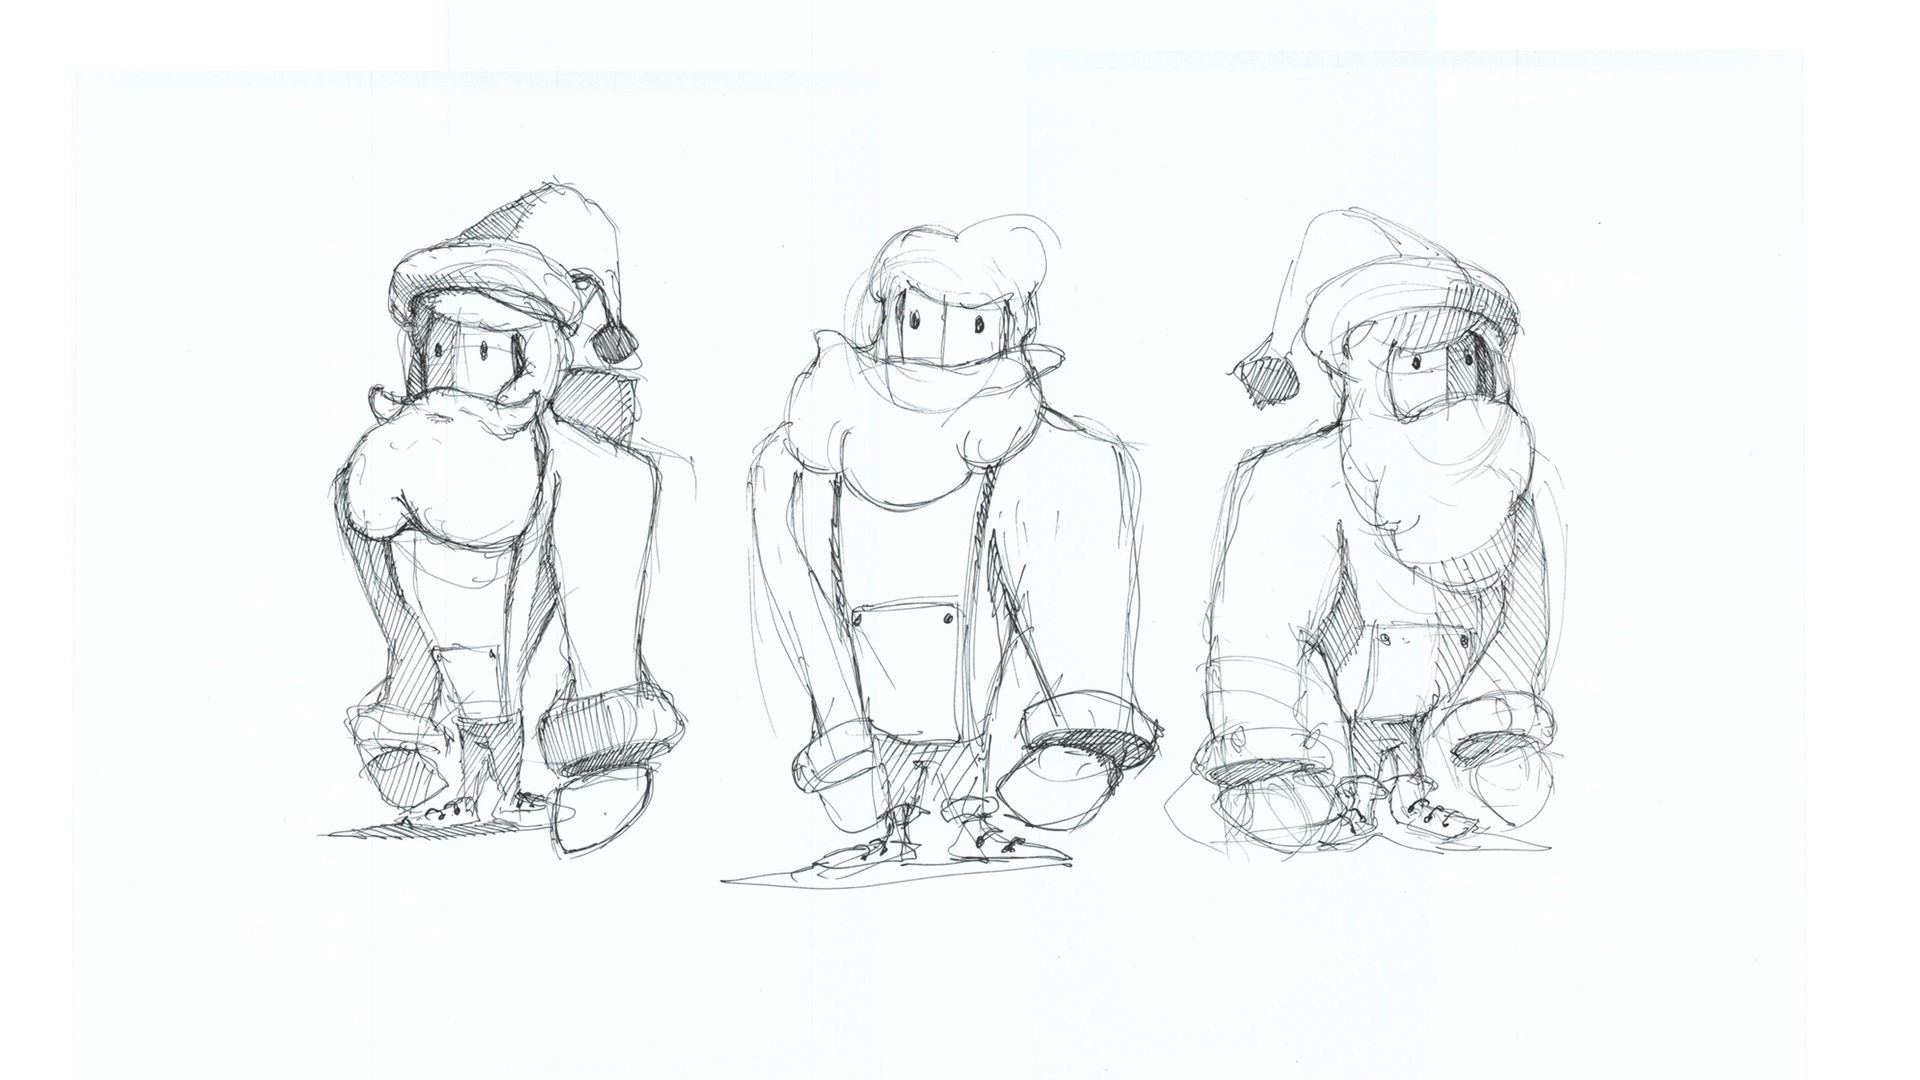 Robots_Santa_02.jpg